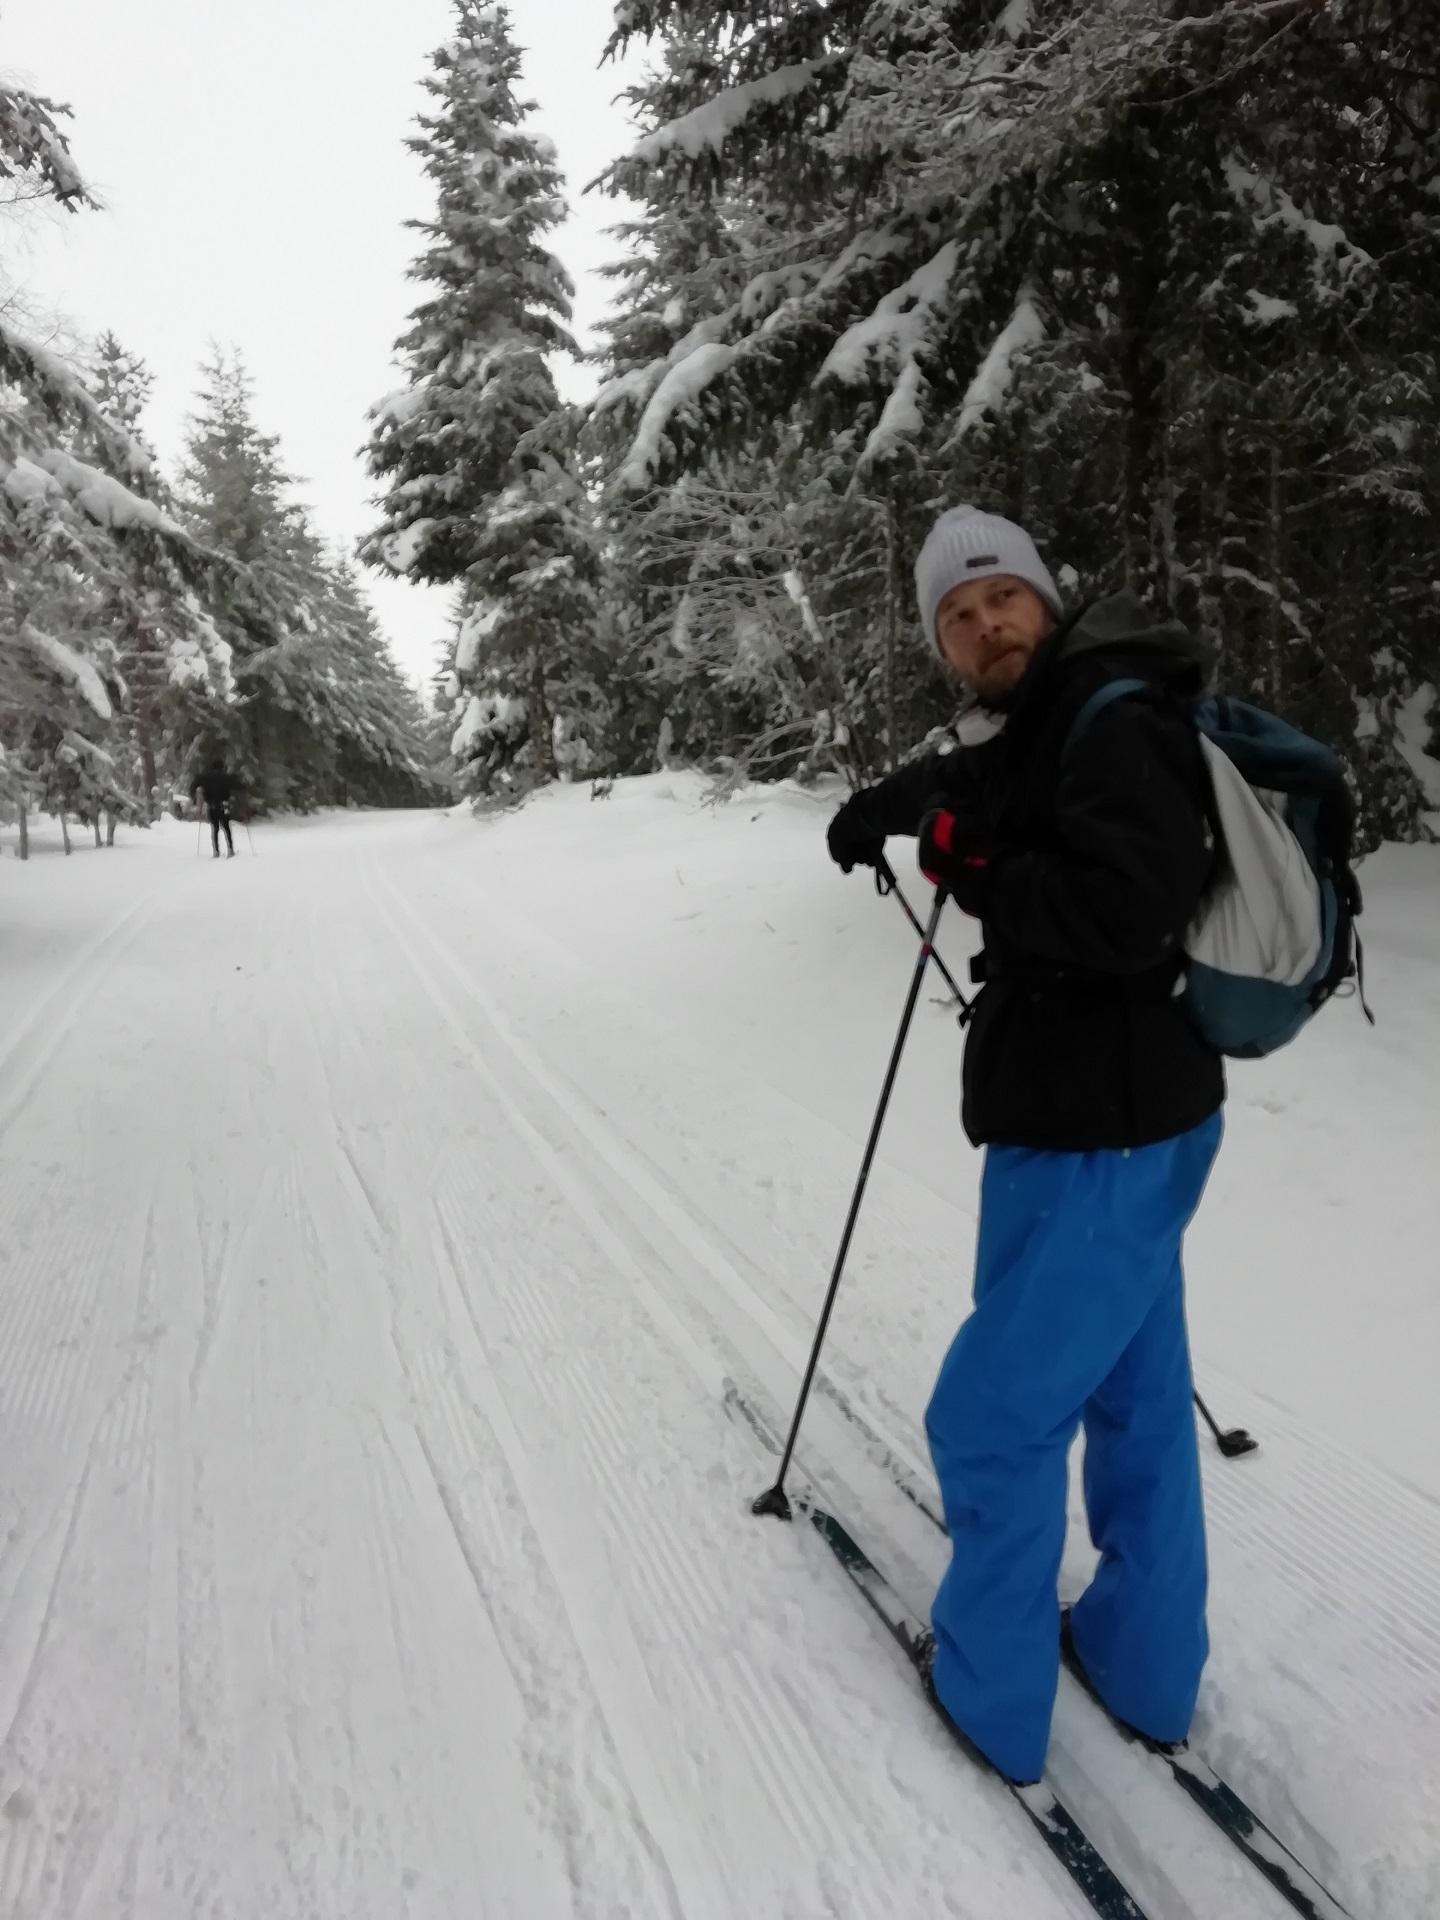 Sortie ski pour les élèves de Terminale Bac Professionnel du secteur industriel